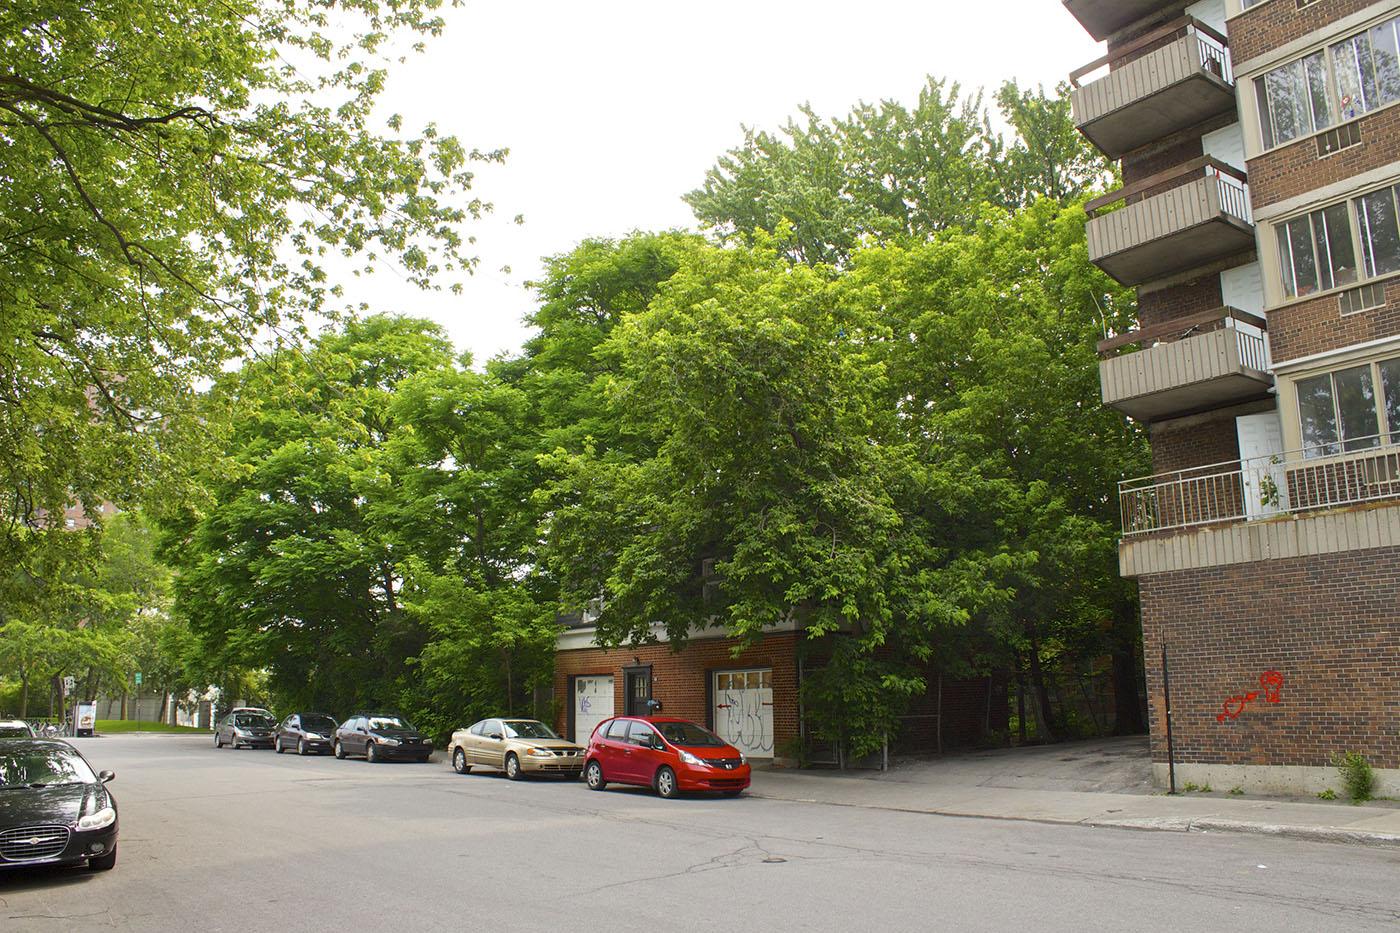 Flora urbana notman un jardin historique 1 for Le jardin imparfait